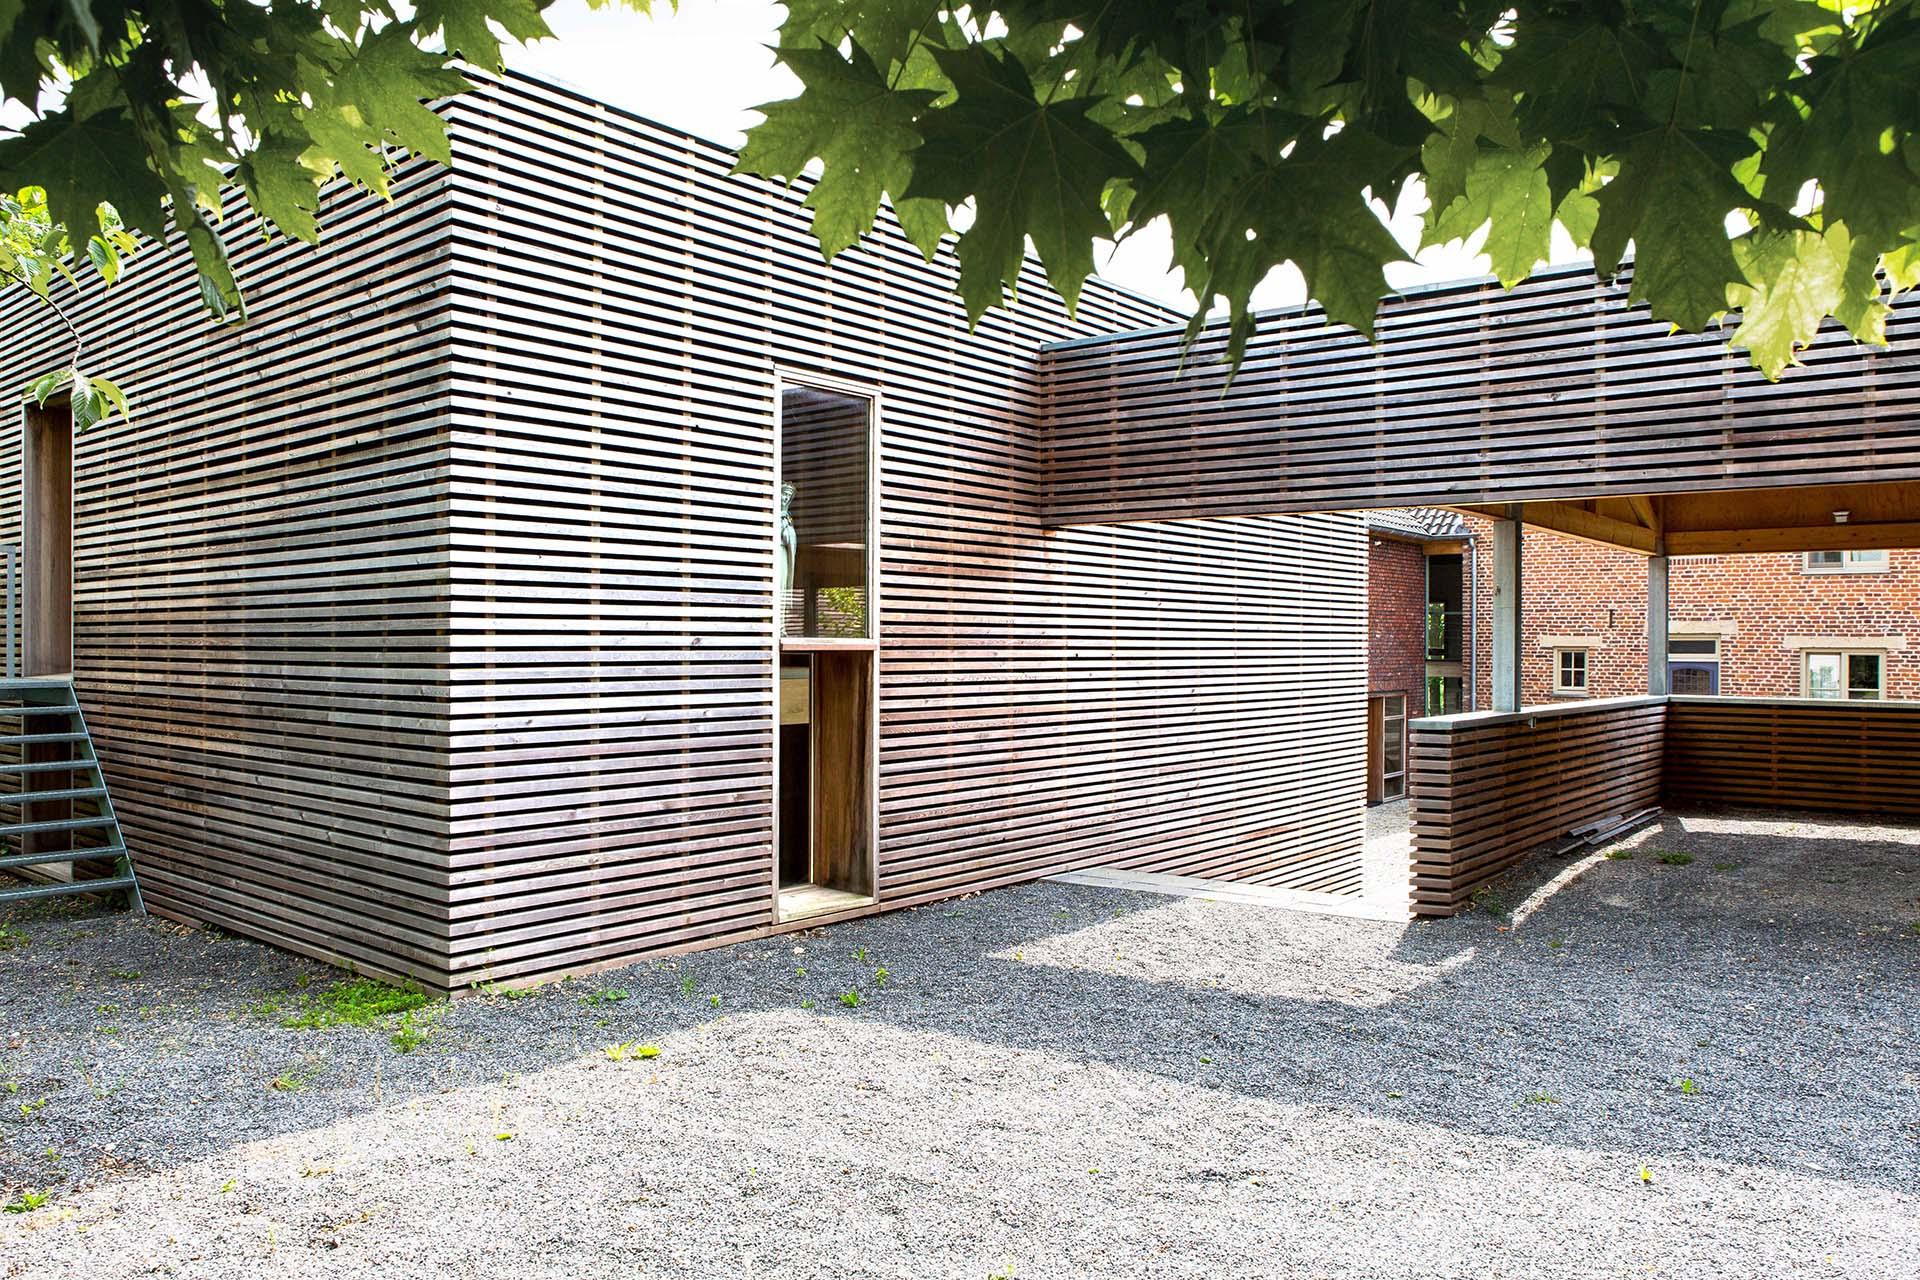 hout houtbouw nieuwbouw duurzaam lariks iroko houtkozijn groen transformatie